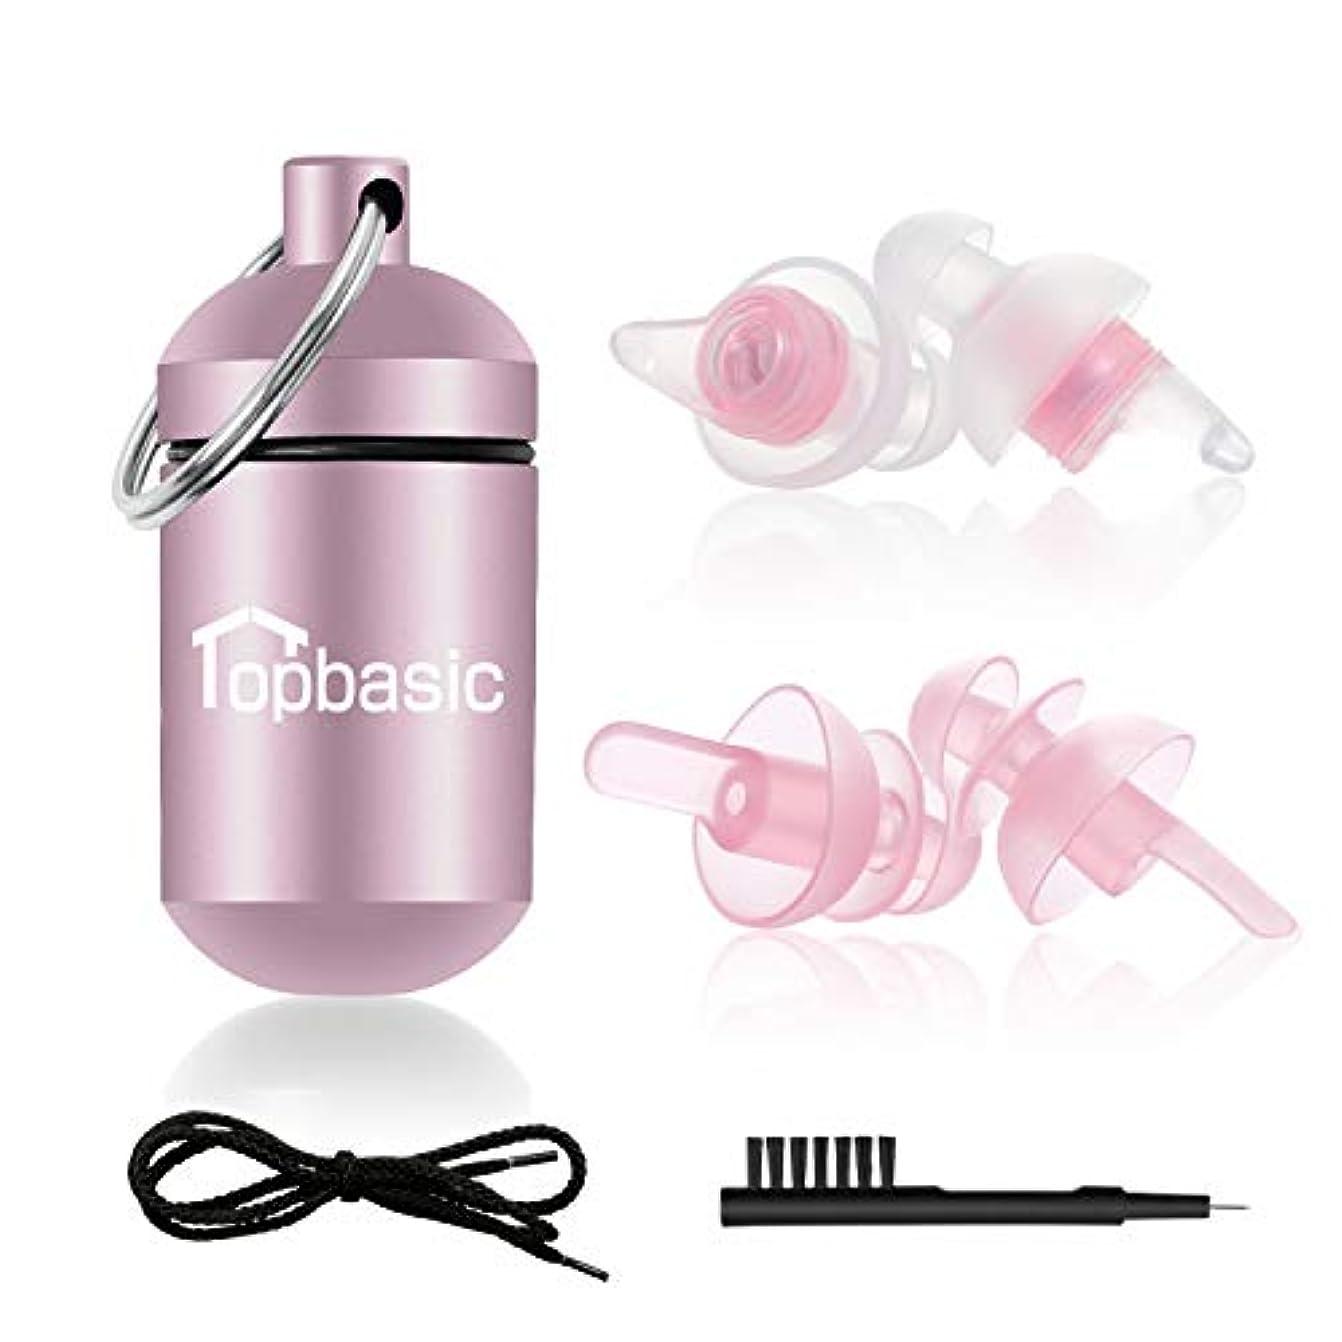 思いつく役員第五耳栓 安眠 防音 Topbasic 異なる2種類 耳栓 睡眠 飛行機 仕事 勉強 水洗い可能 携帯ケース付き コード付き ブラシ付き 日本語説明書付 2ペア T-4 ピンク